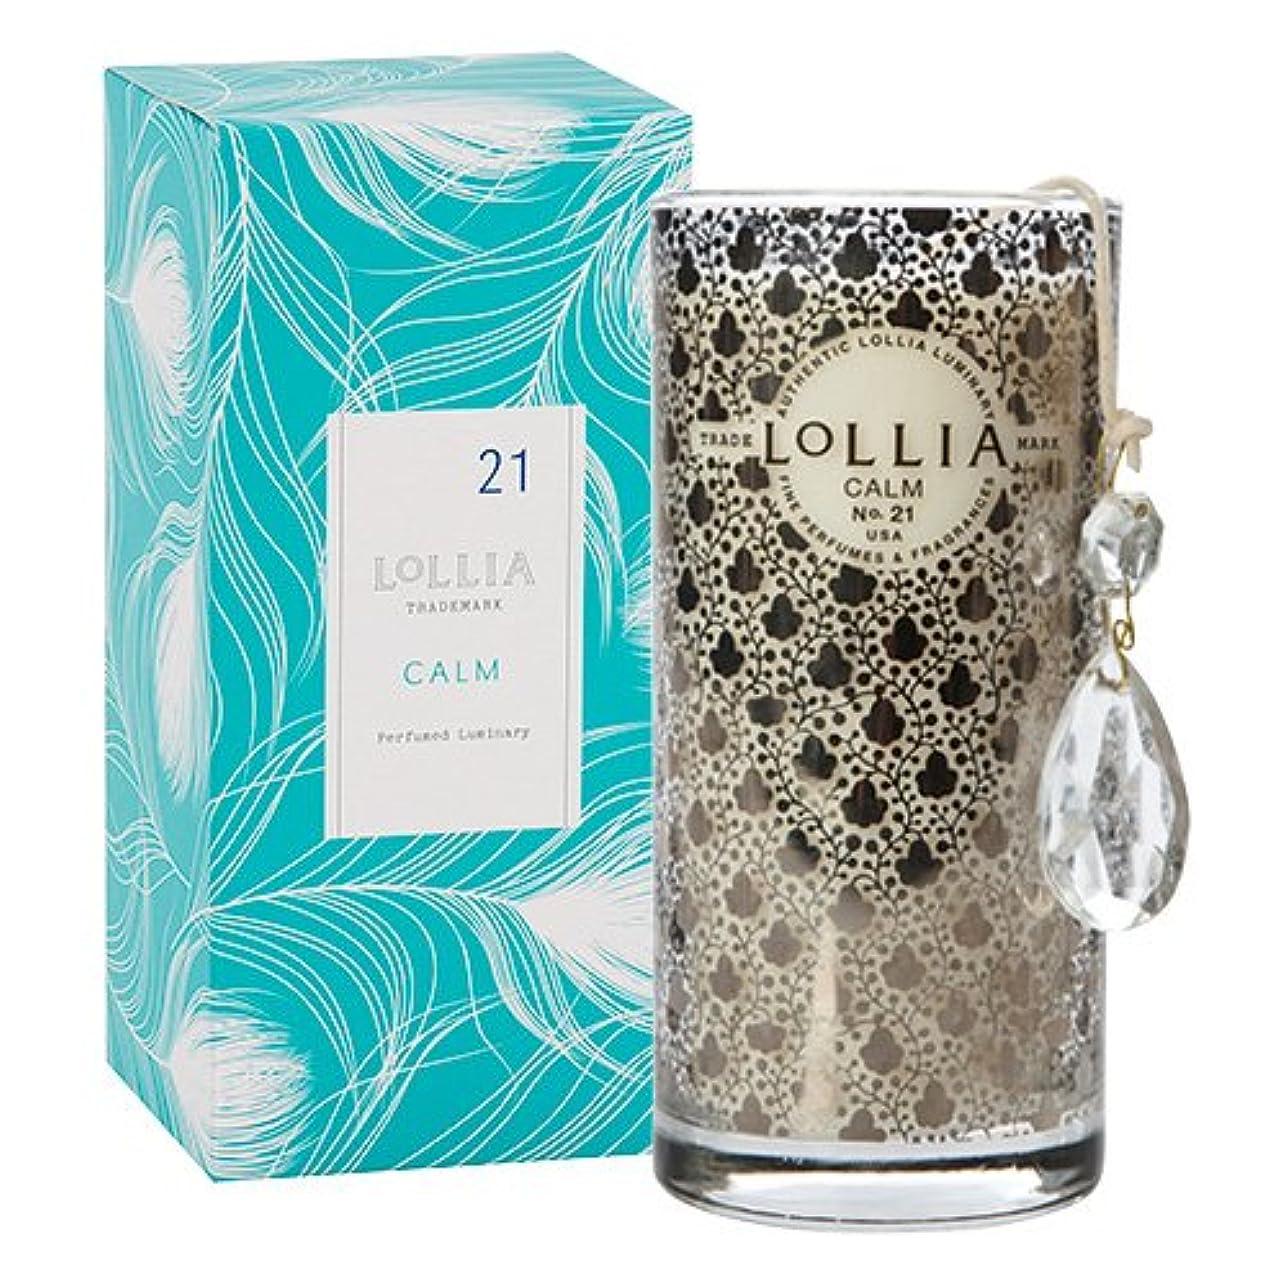 超える宇宙船セラフロリア(LoLLIA) プティパフュームドルミナリー290g Calm(チャーム付キャンドル アイリス、シトラス、ヒヤシンスのクリーン&フレッシュな香り)